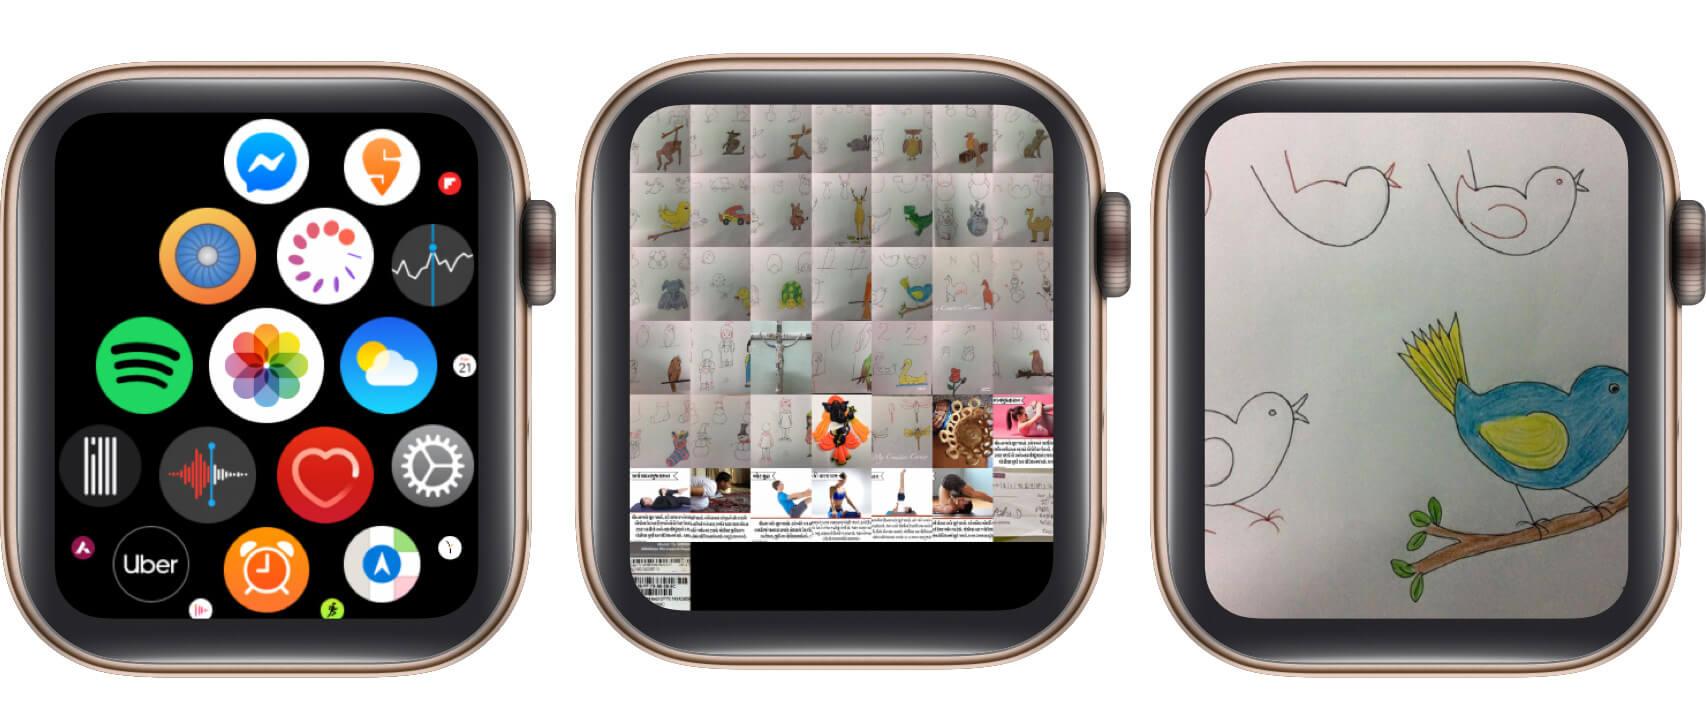 open photos app, tap on photo on apple watch